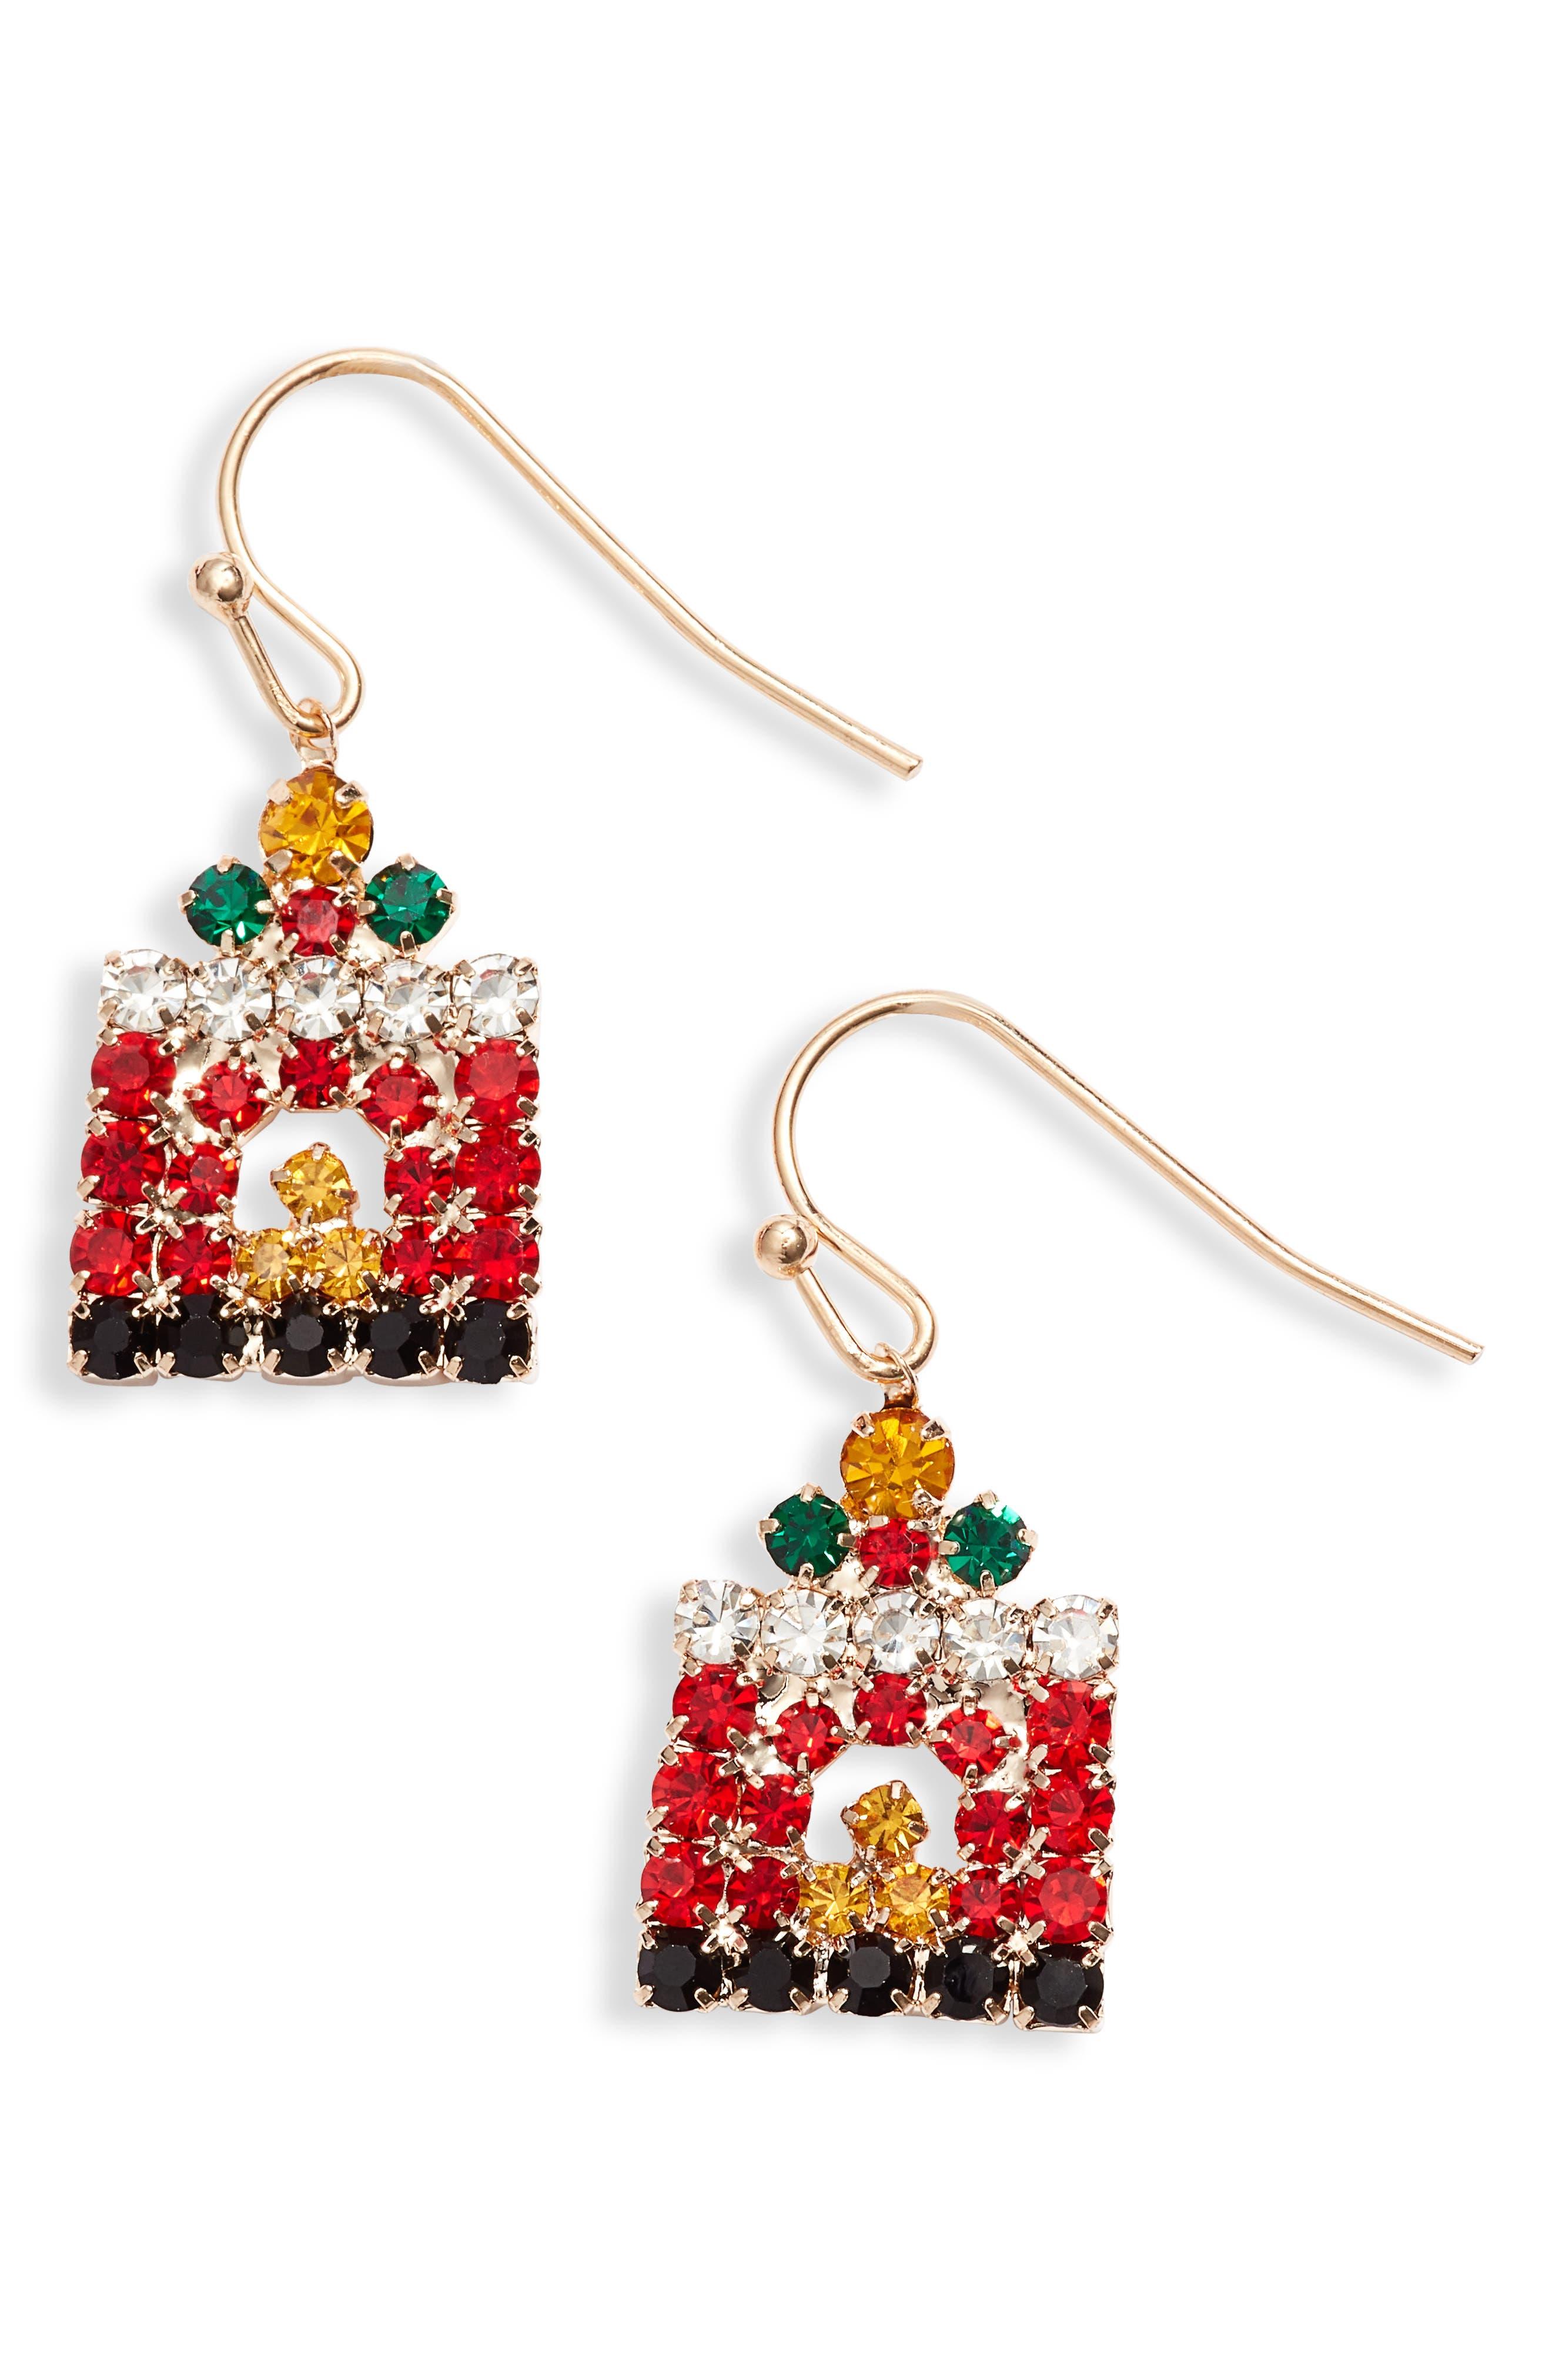 Crystal Fireplace Earrings